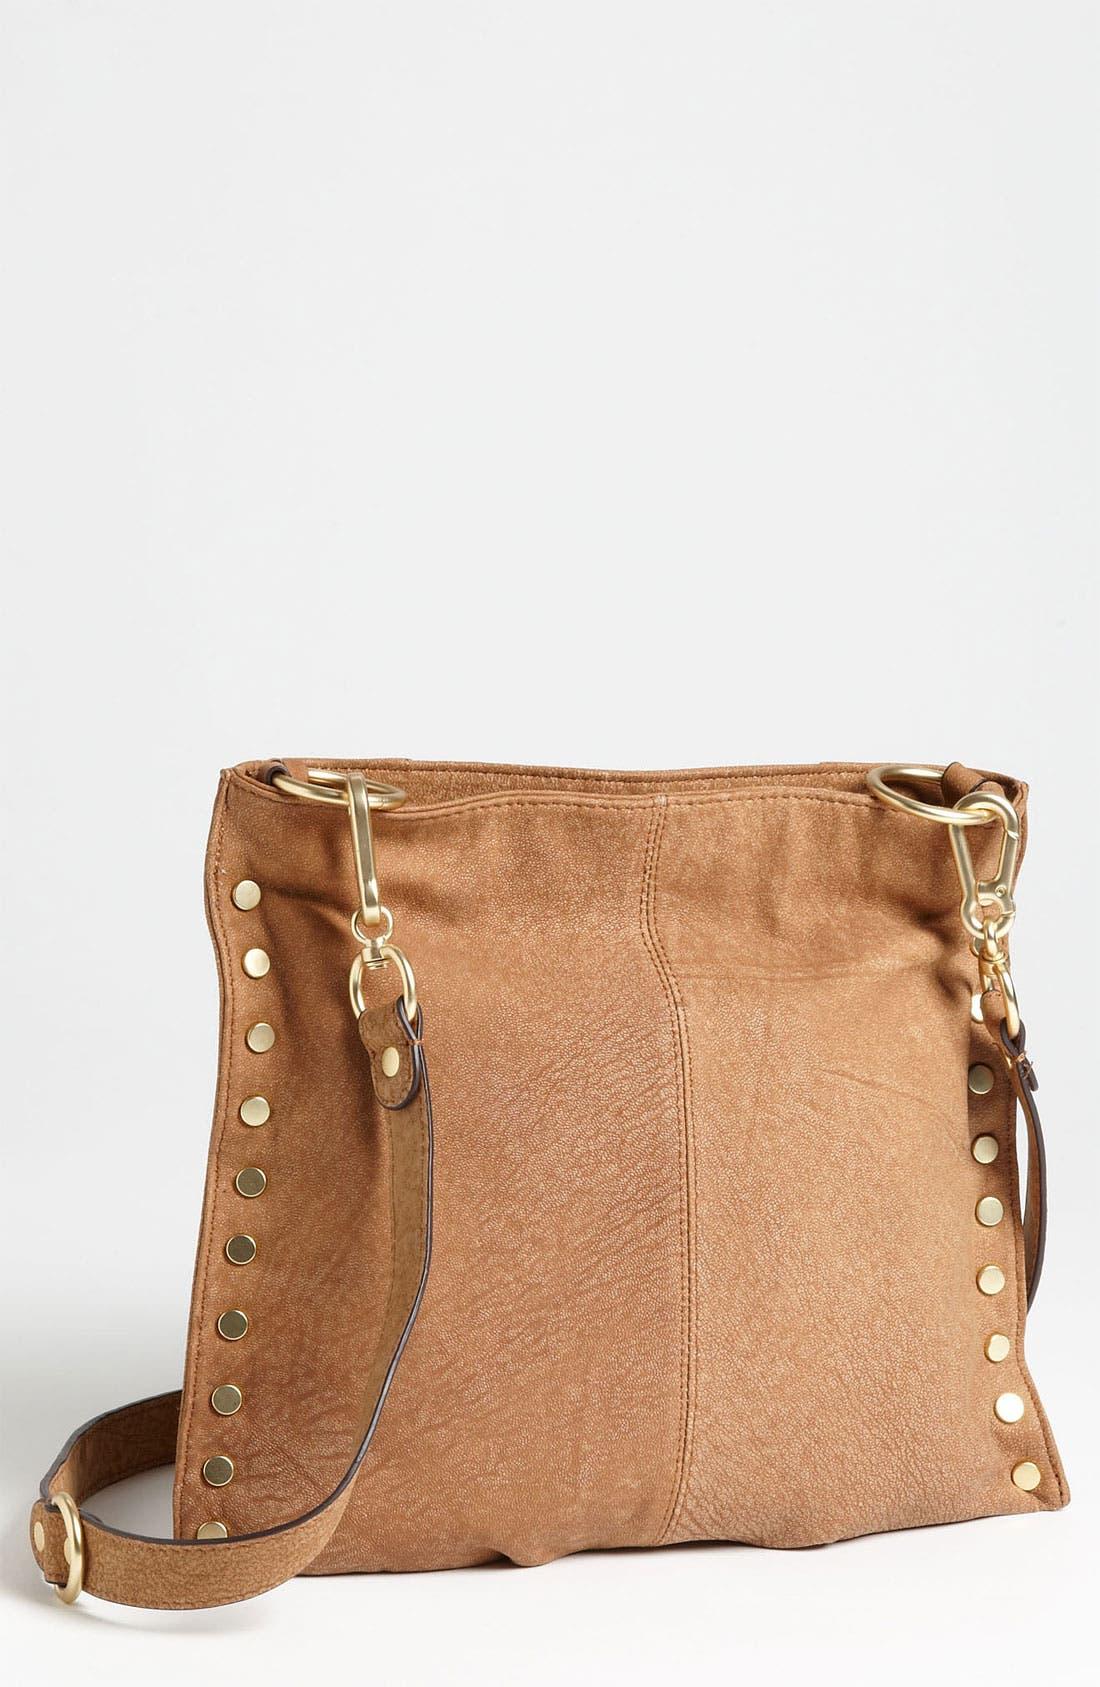 Main Image - Sloane & Alex 'Angie' Nubuck Leather Crossbody Bag